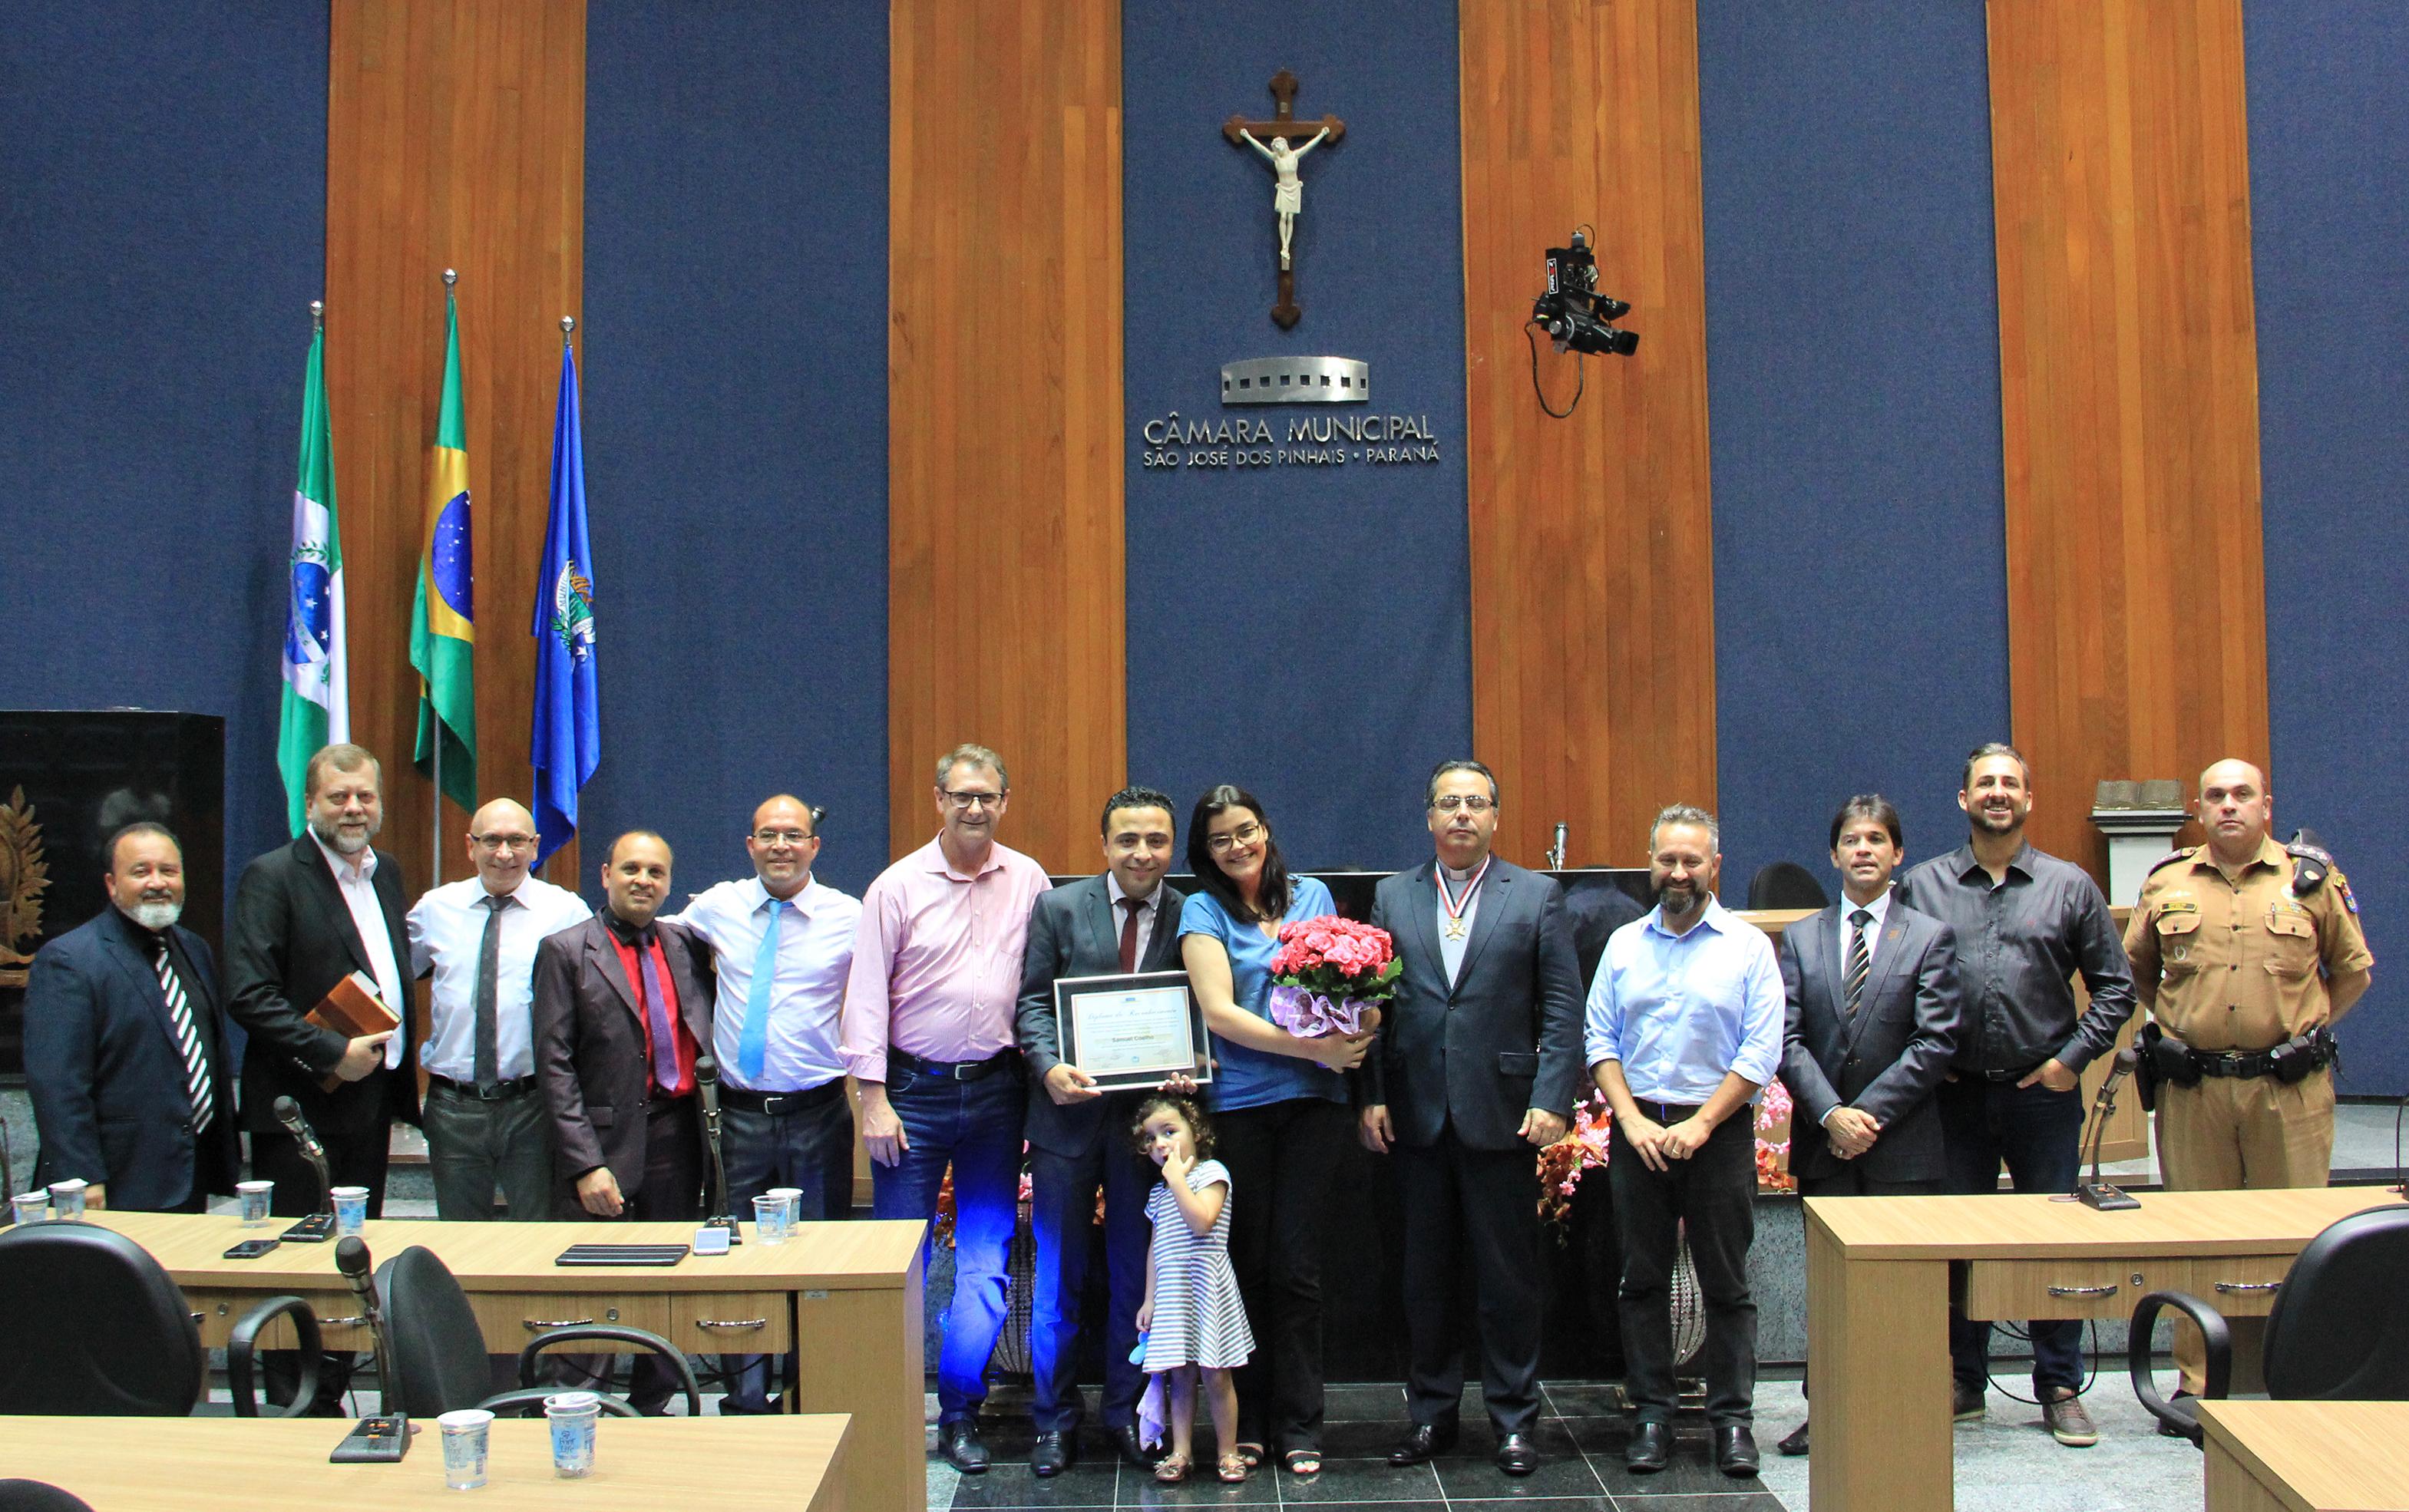 Pastor Samuel Coelho recebe Votos de Louvor e Reconhecimento